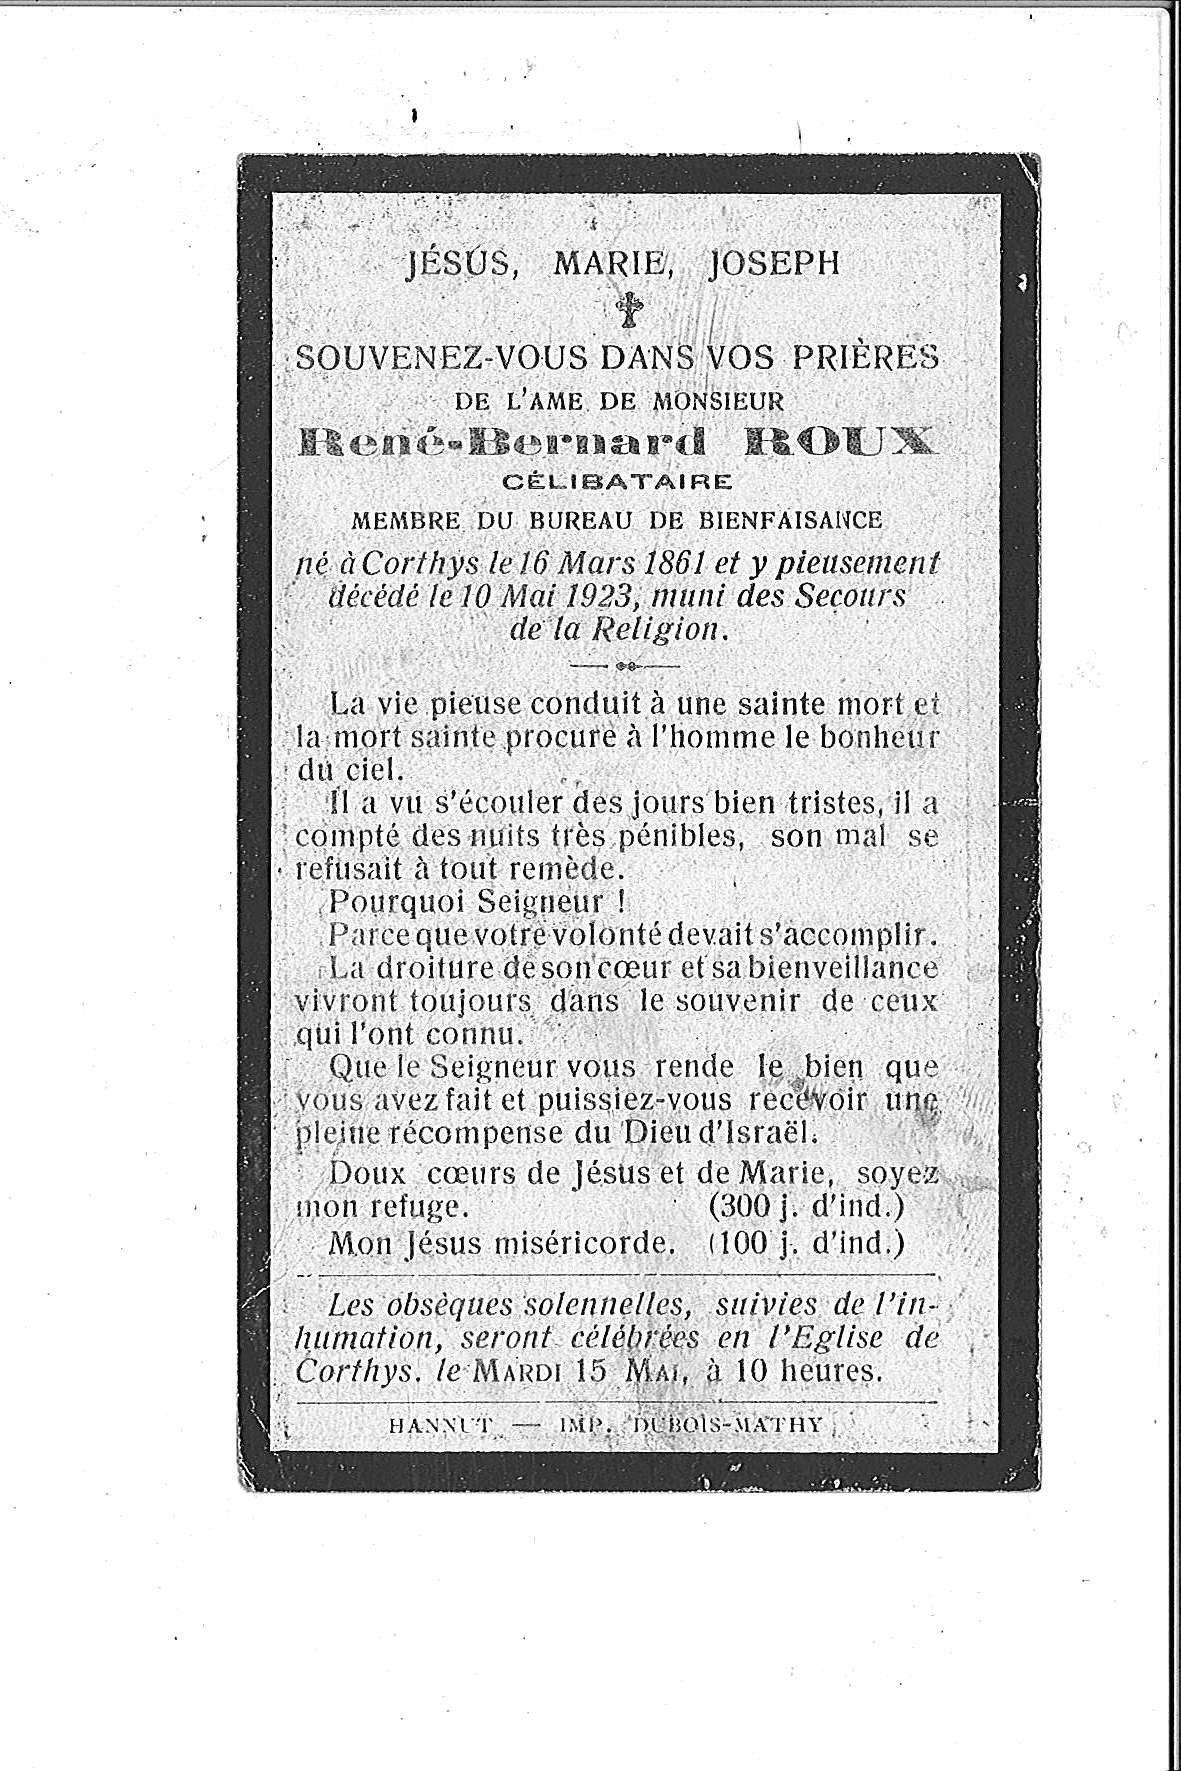 René-Bernard(1923)20150106152215_00064.jpg